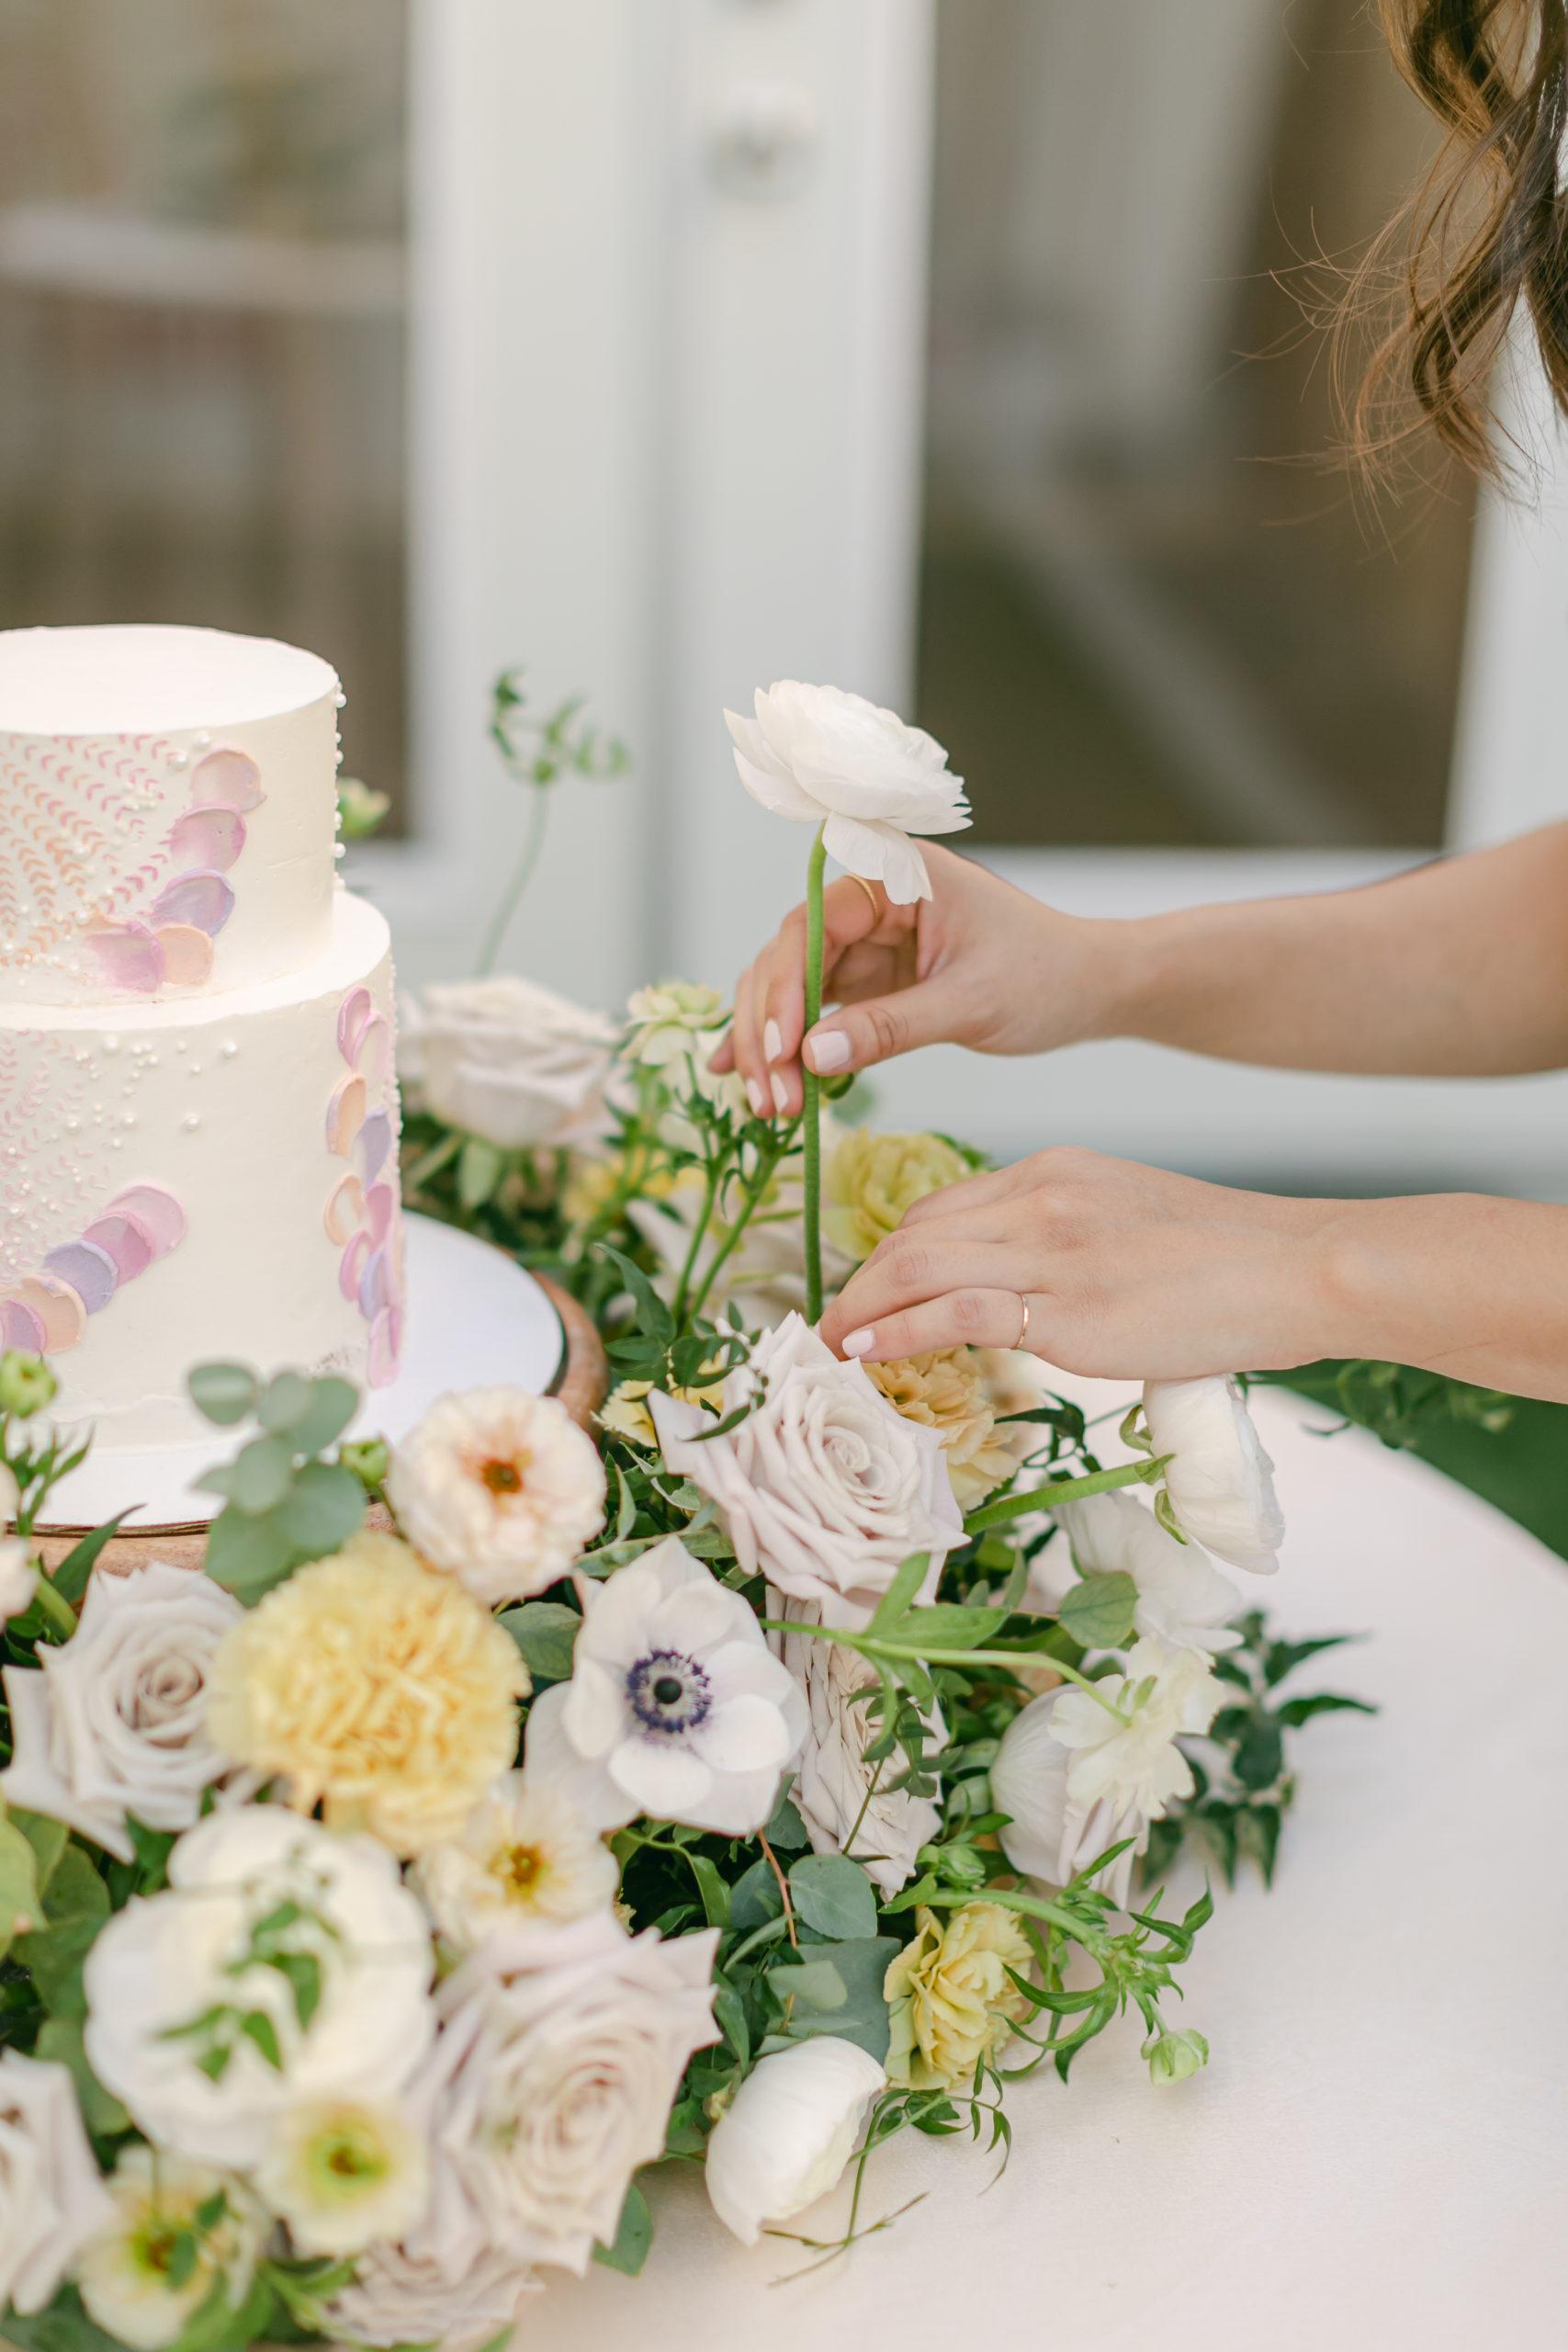 cake with springtime wedding flowers